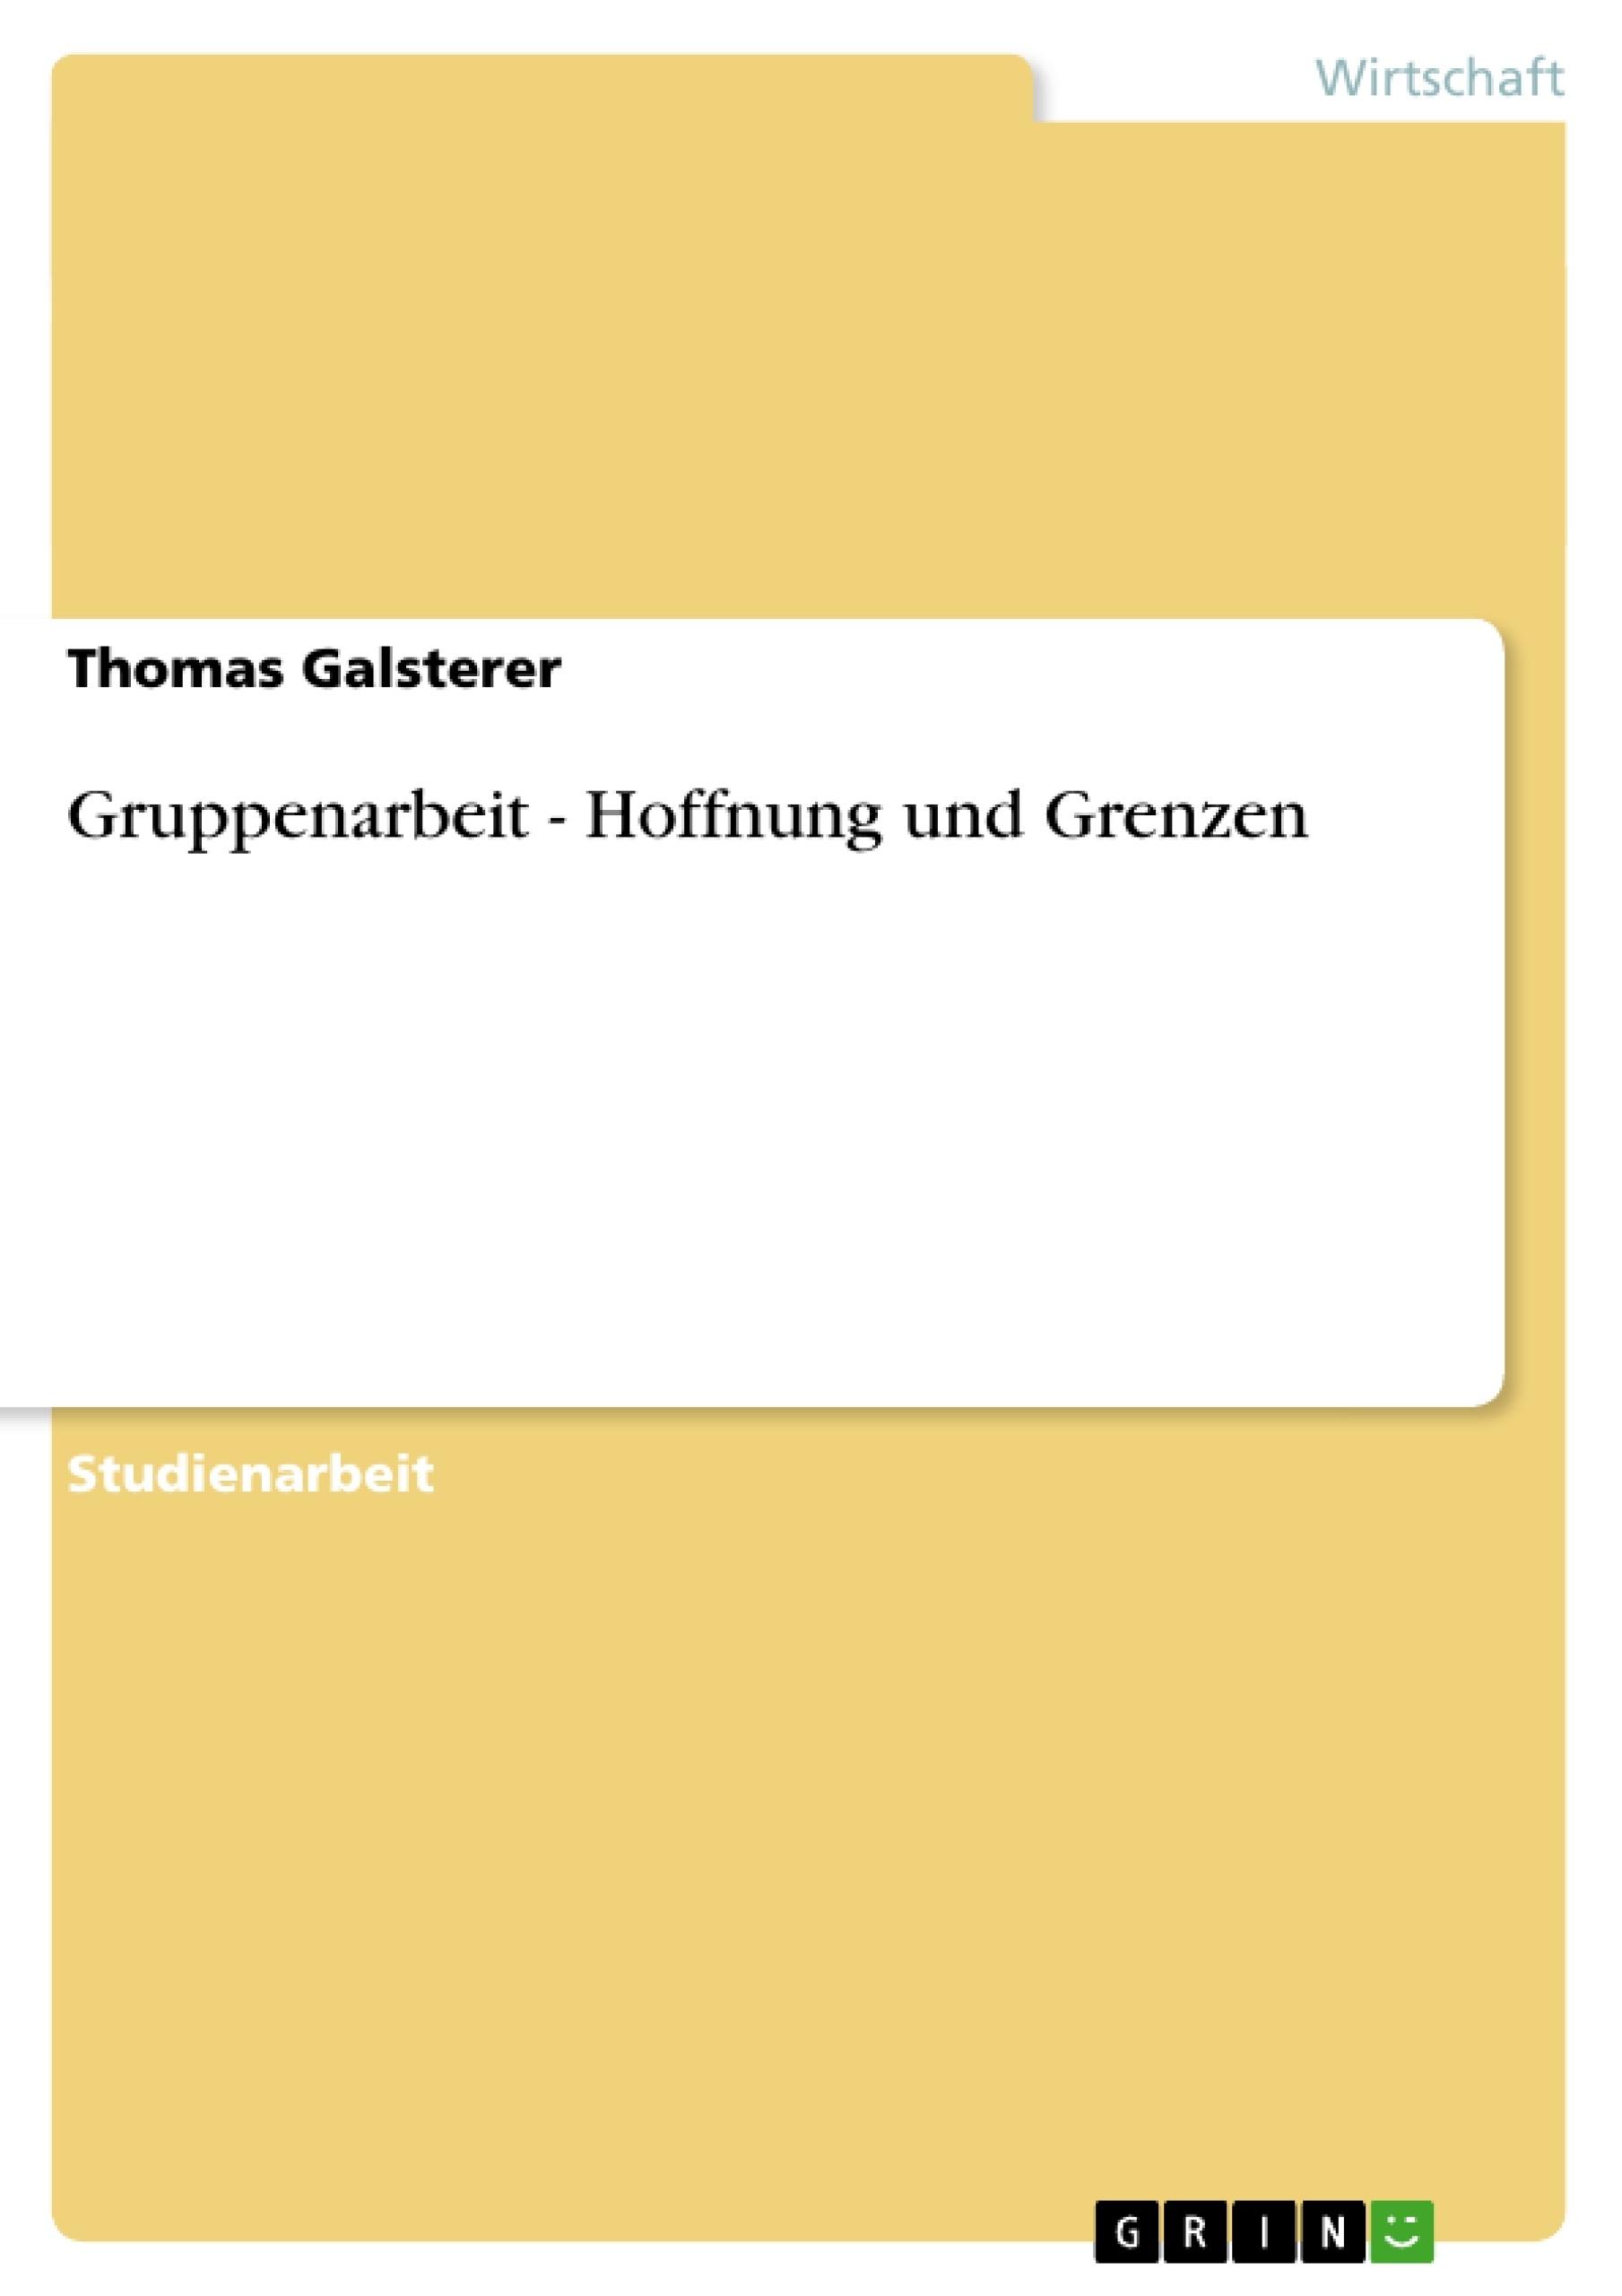 Titel: Gruppenarbeit - Hoffnung und Grenzen